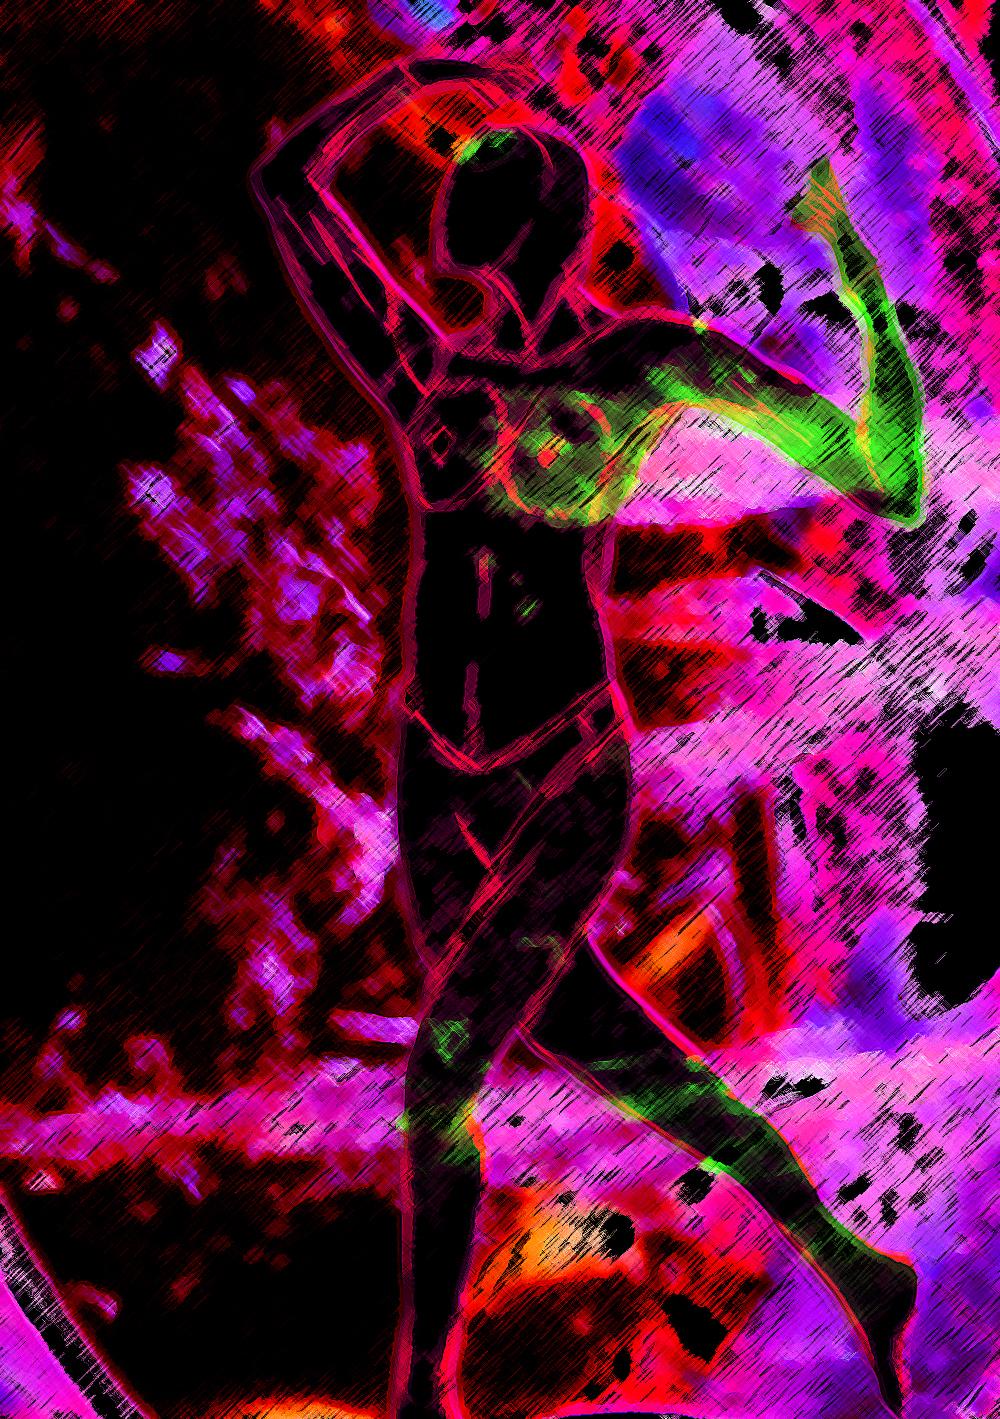 chrystal_berche-new37.jpg